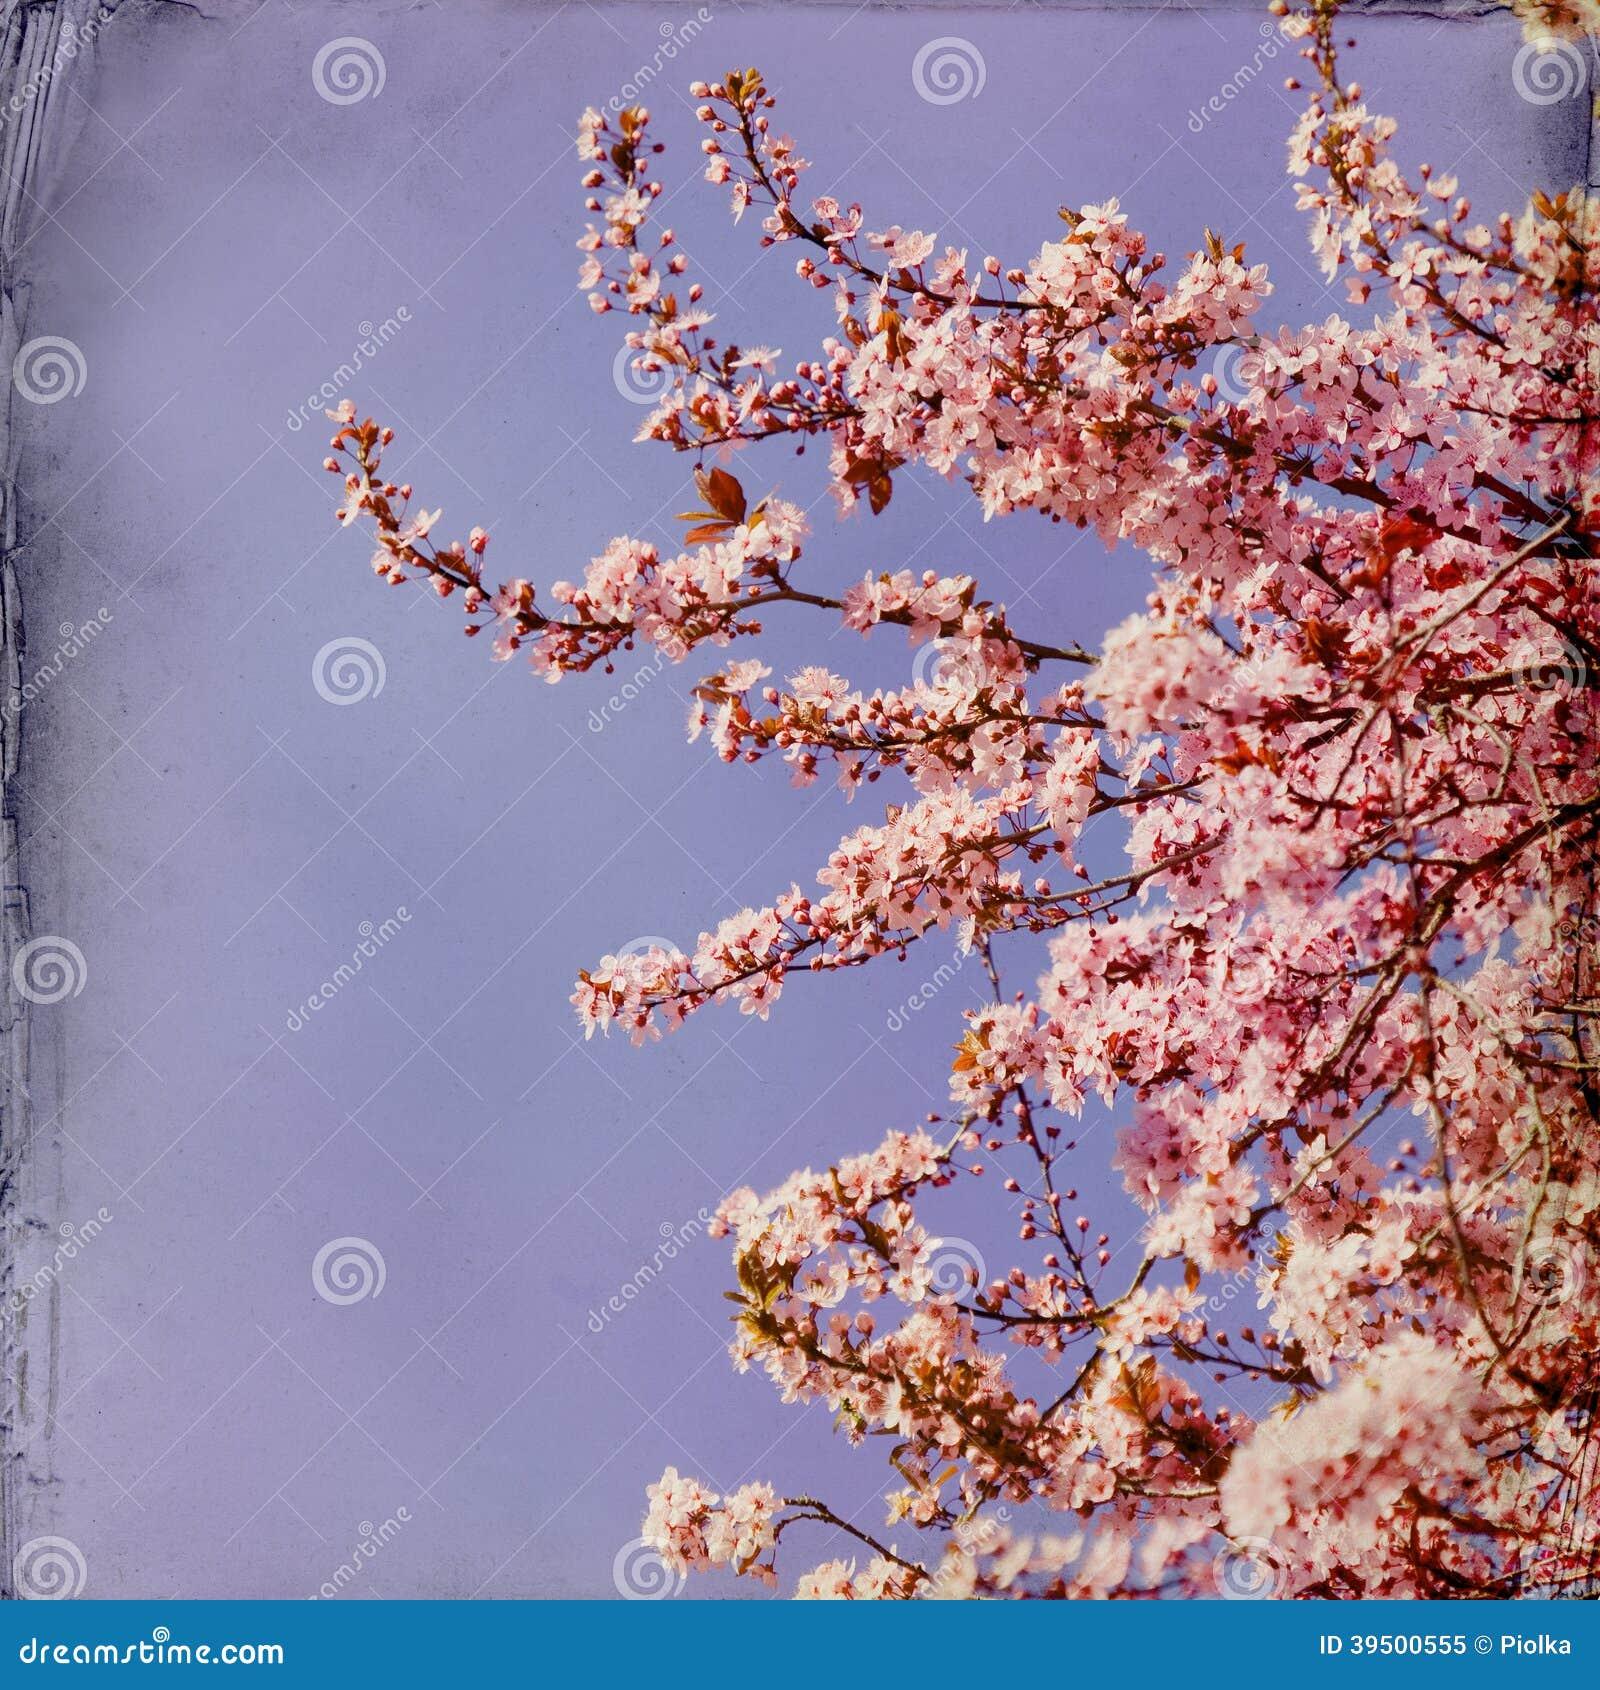 梦想的springflowers背景